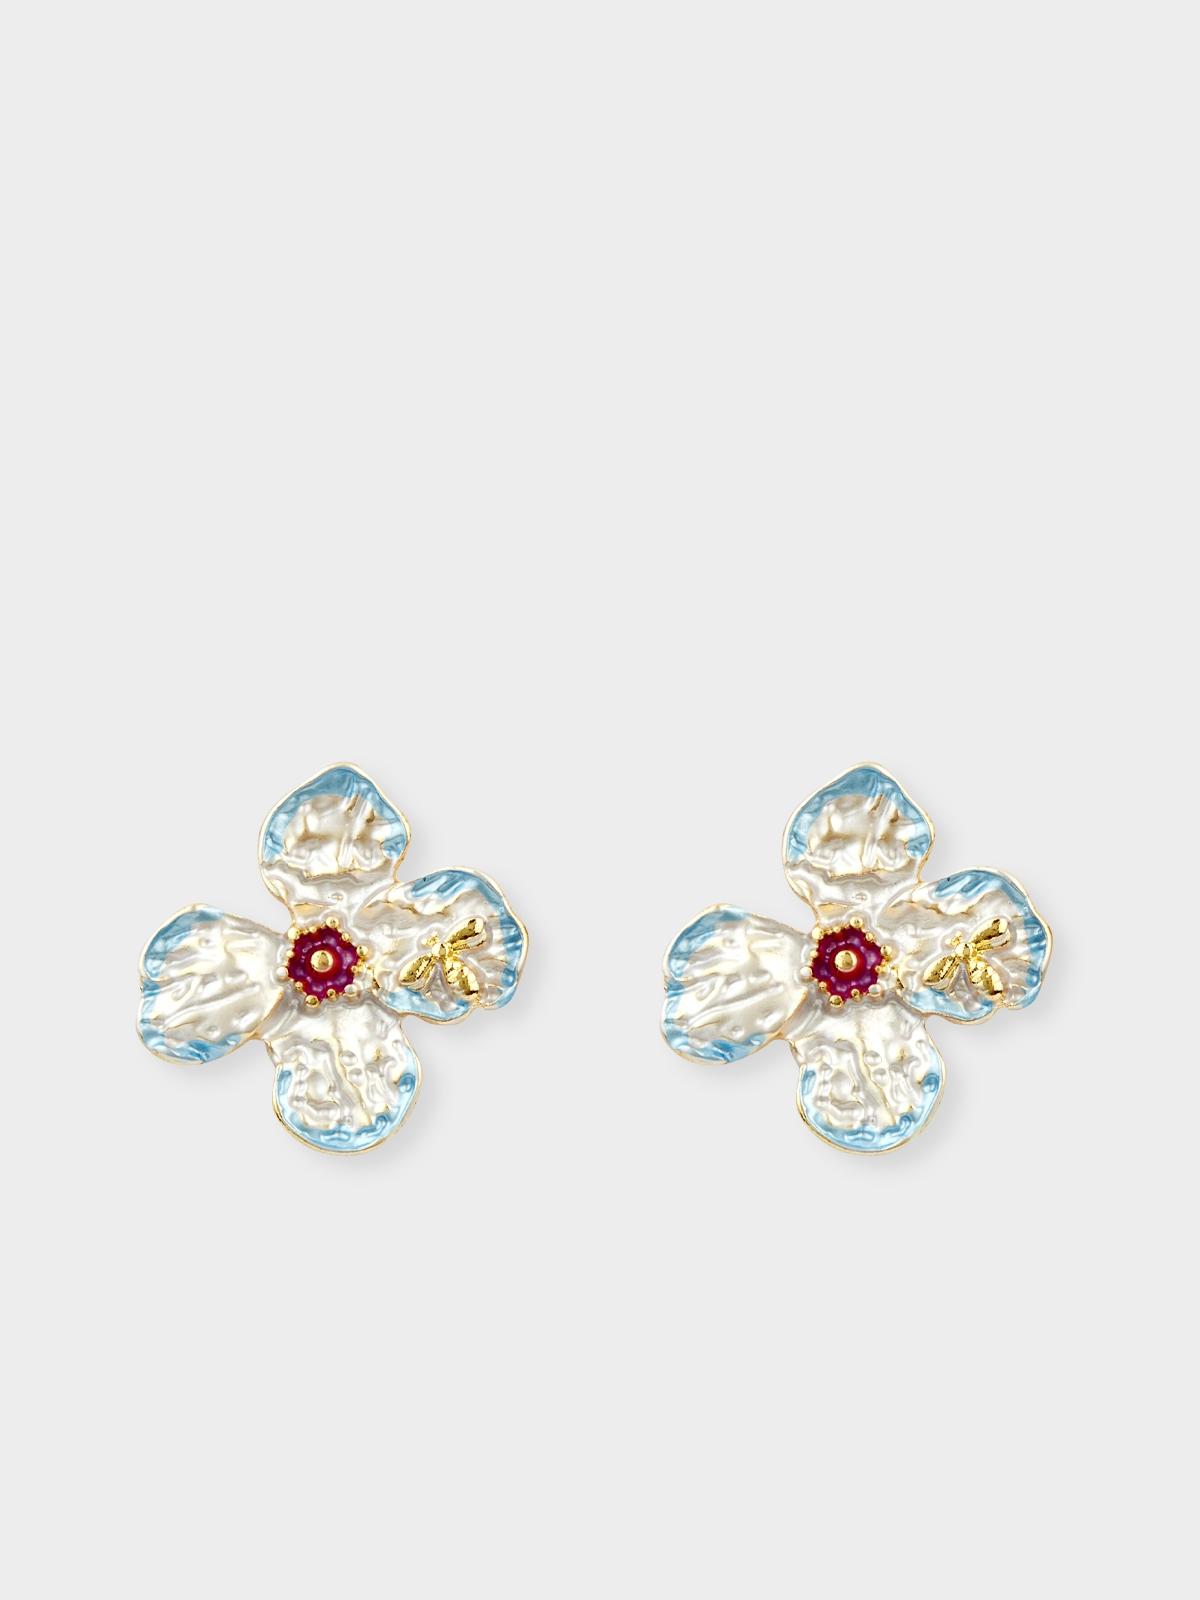 Floral Stud Earrings Silver